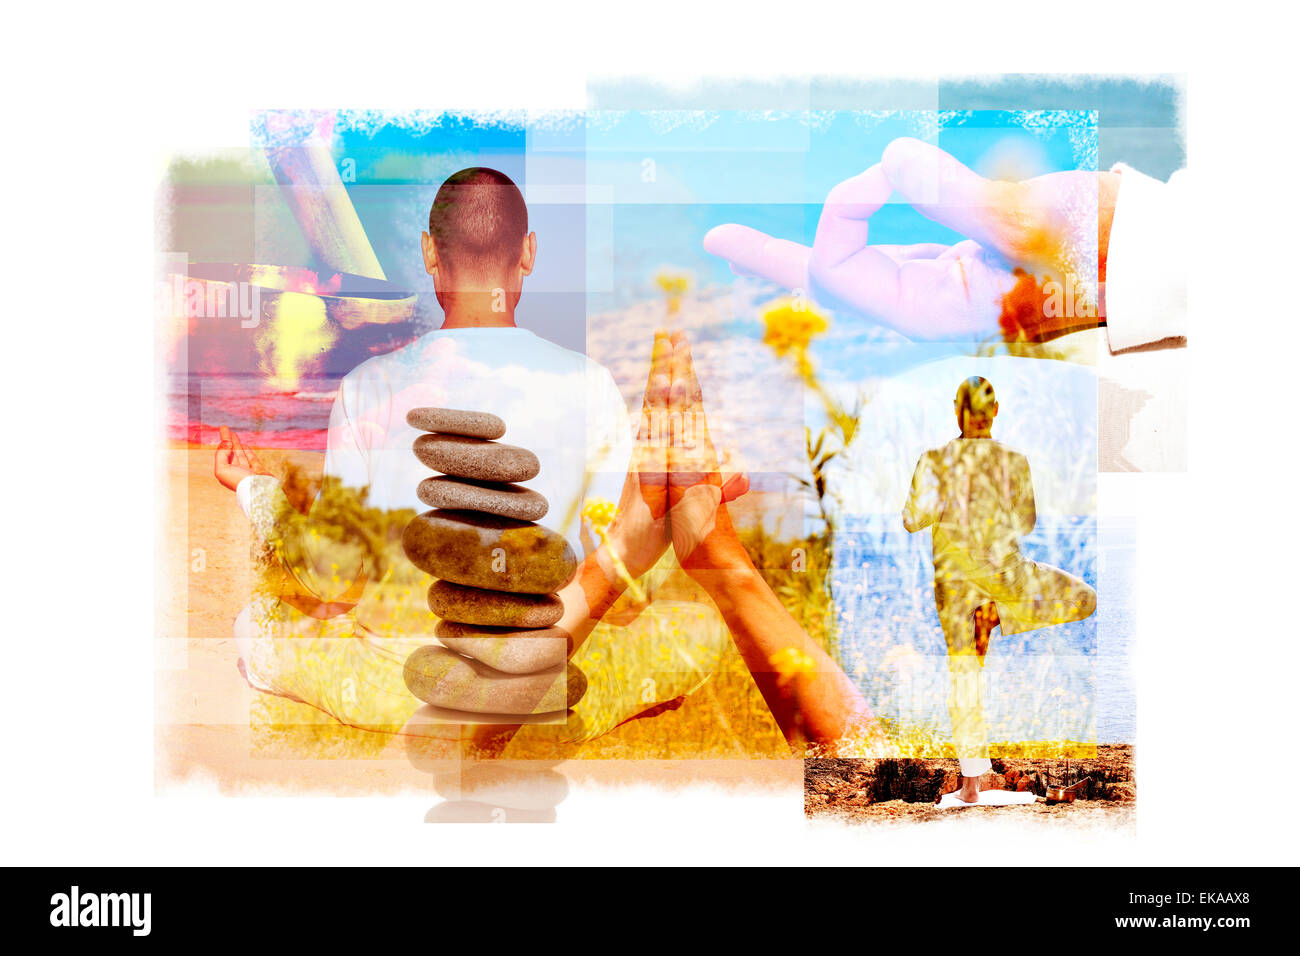 Mehrfachbelichtungen von einem jungen Yogi Mann in verschiedenen Yoga-Positionen im Freien und einen Stapel von Stockbild